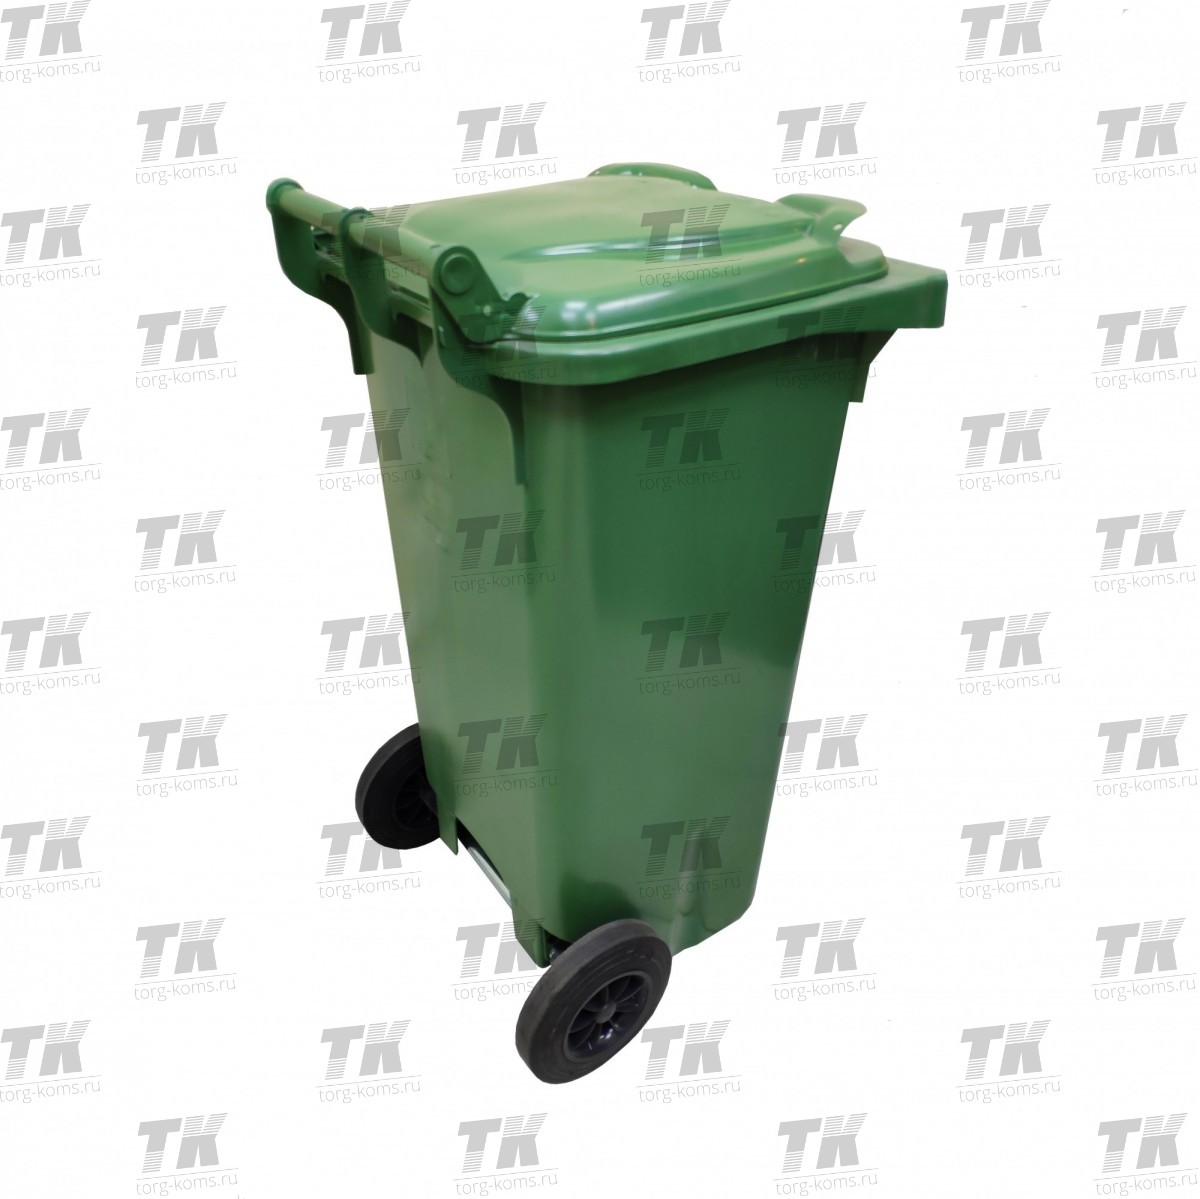 Пластиковый евроконтейнер 120 литров